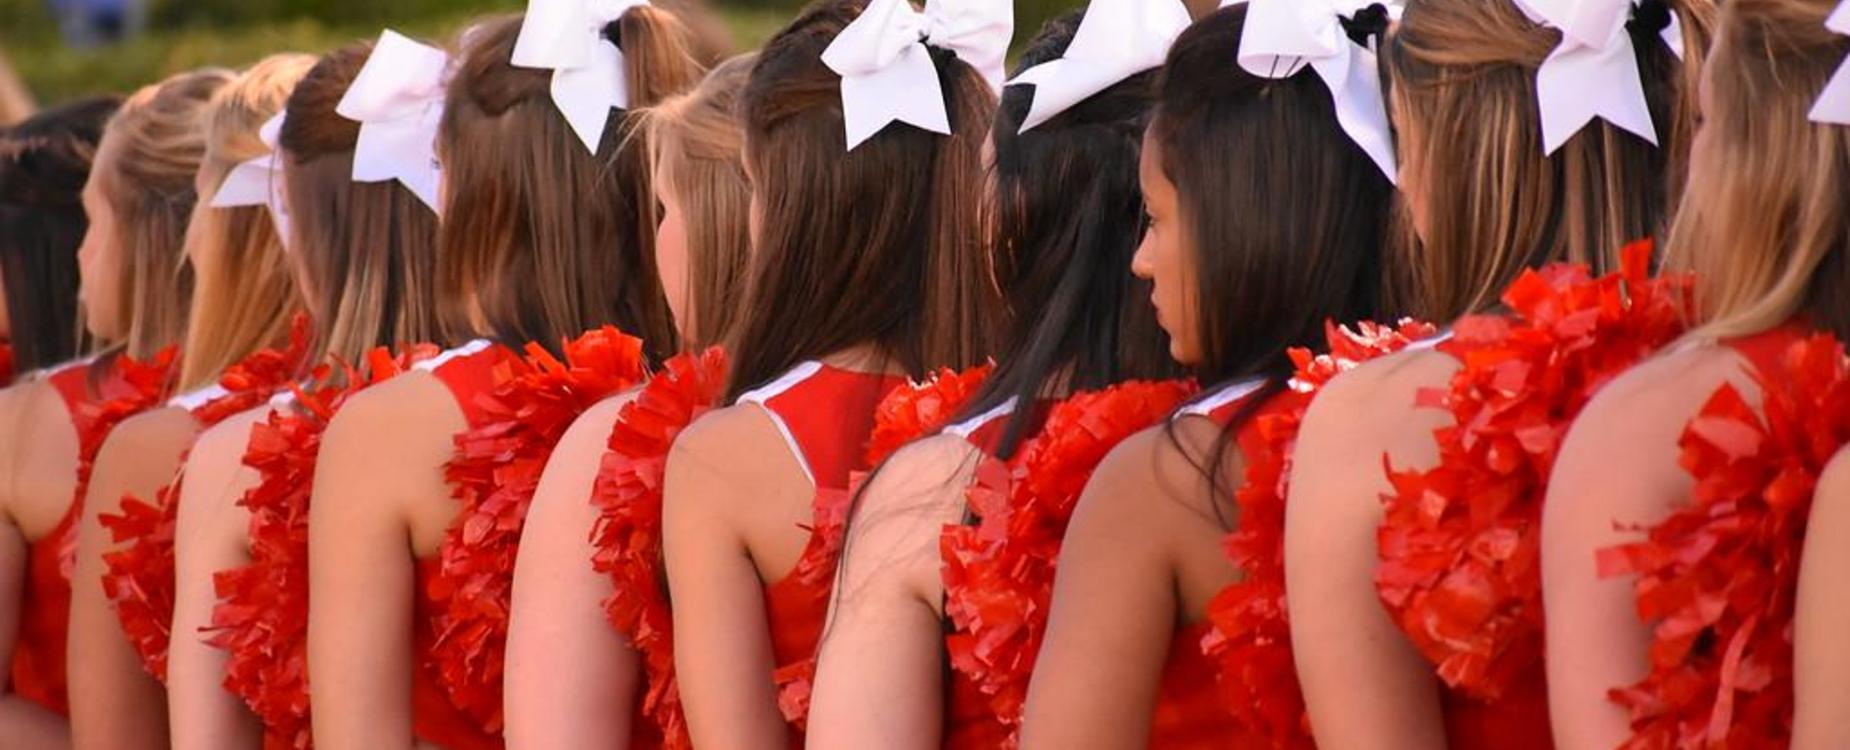 cheerleaders pledging flag